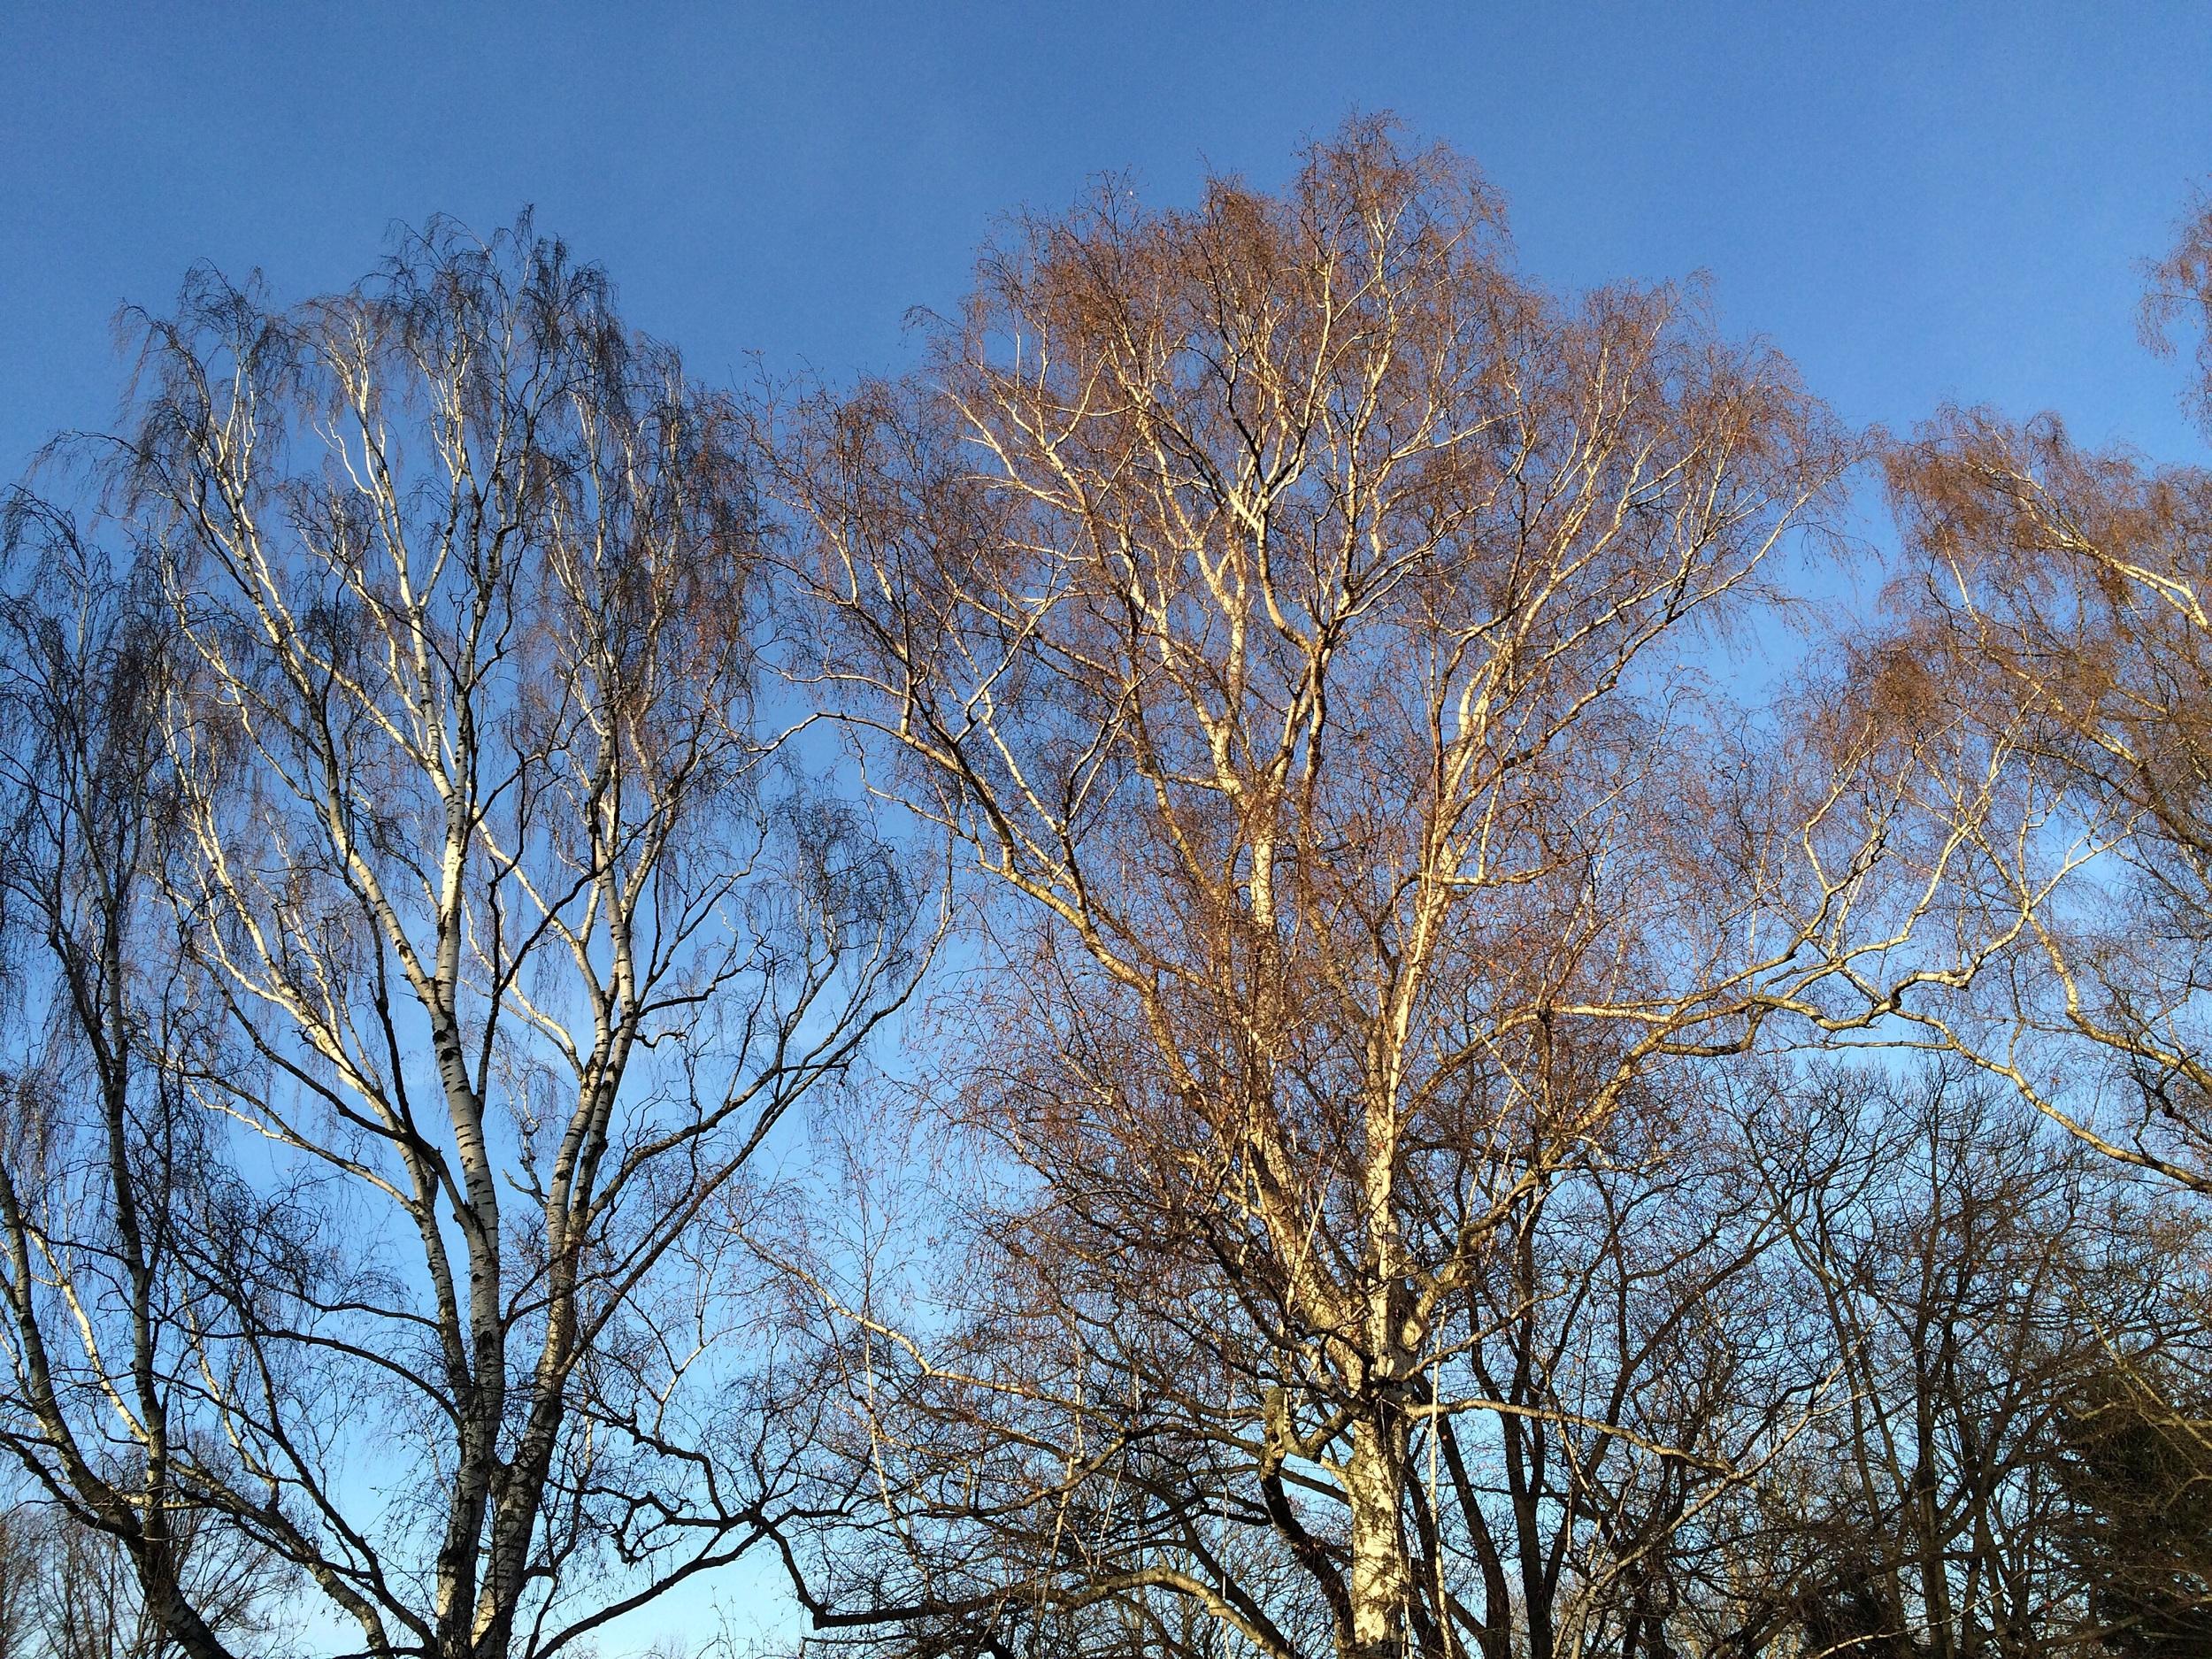 Trees in Tiergarten